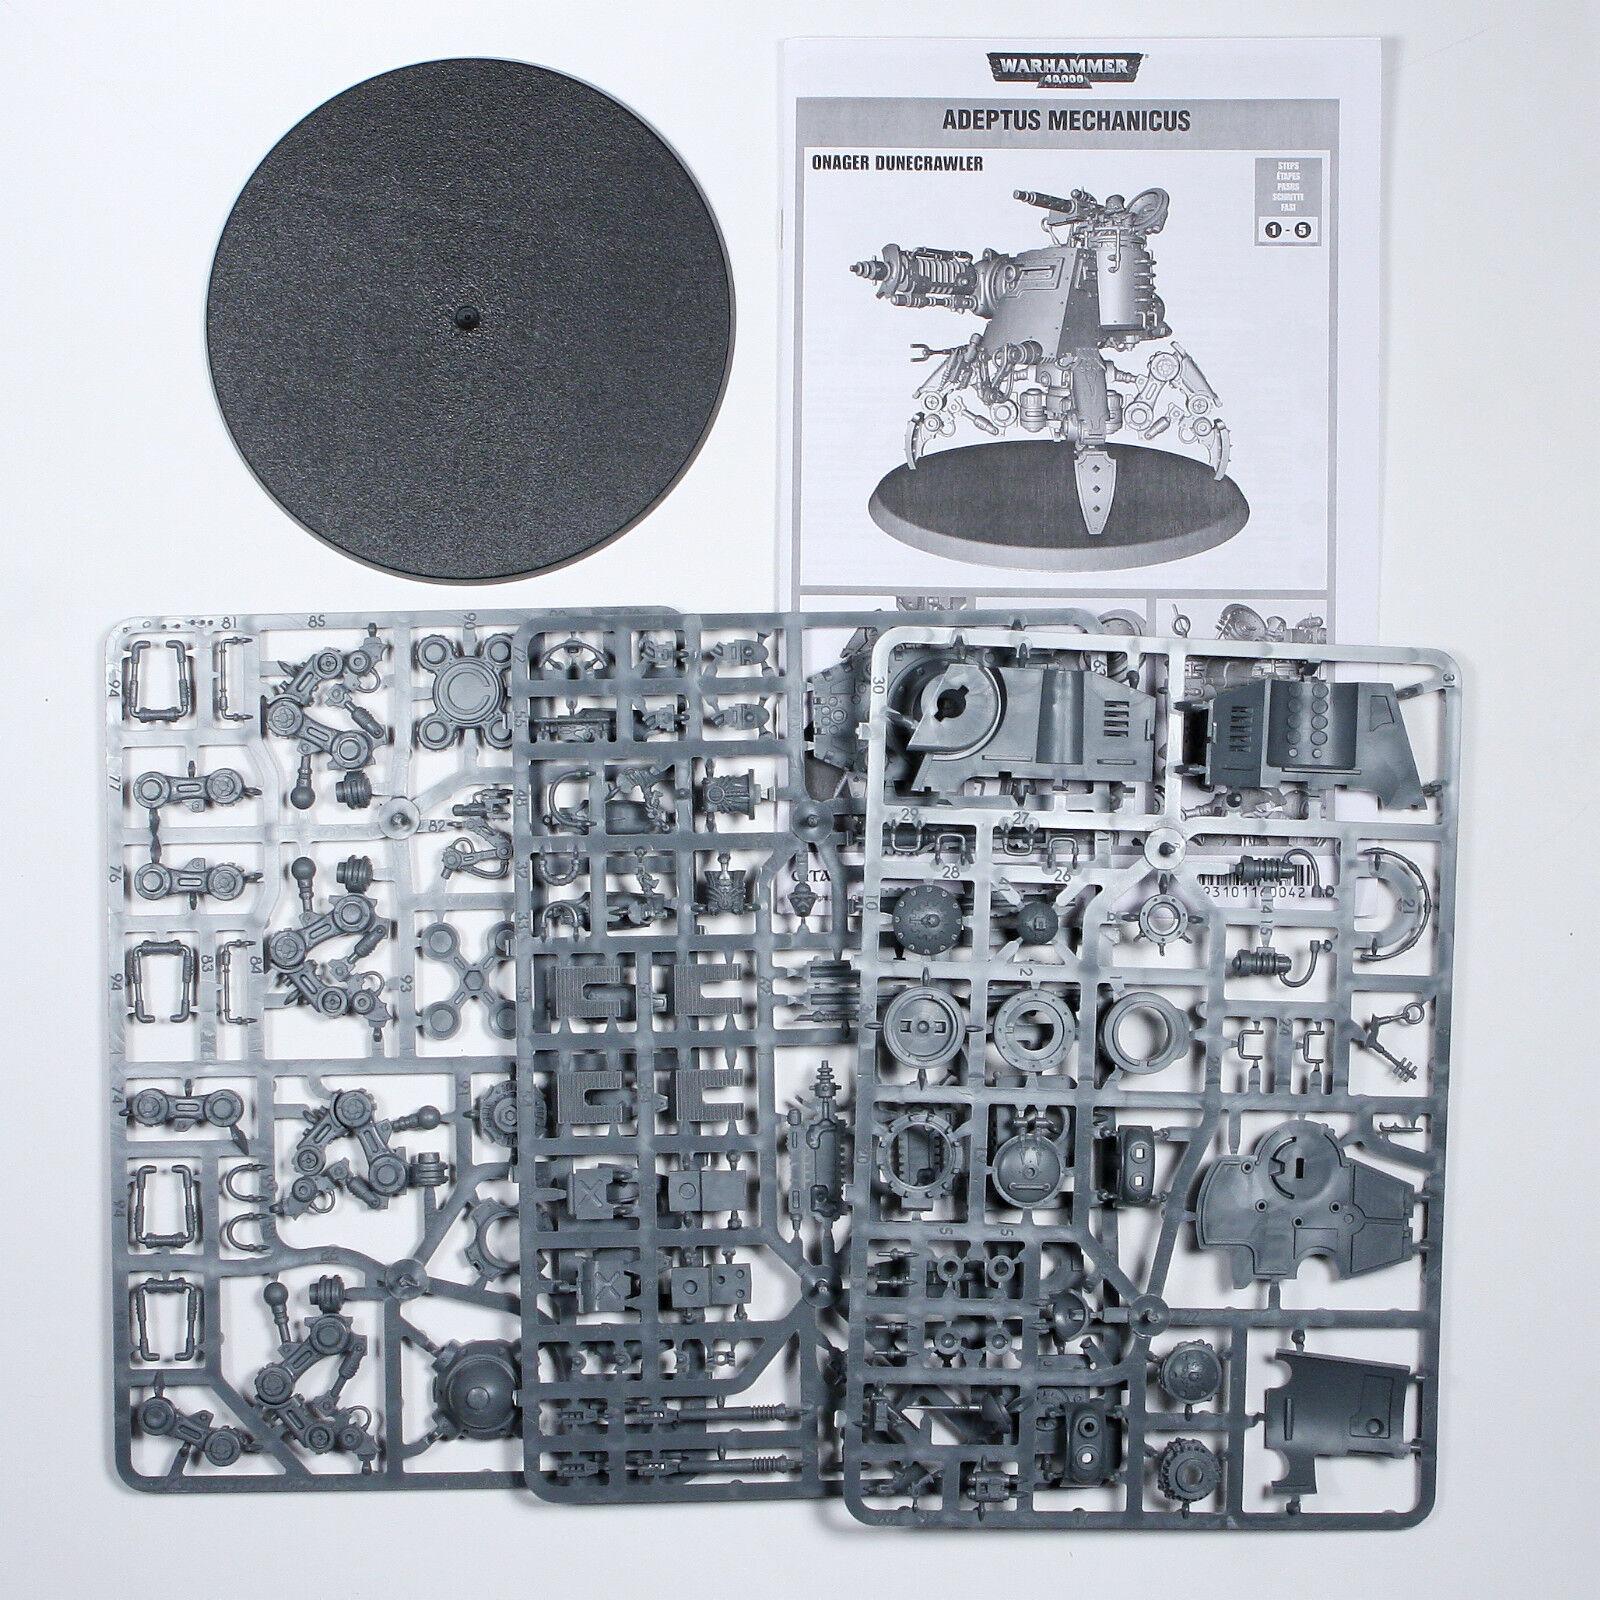 Adeptus Mechanicus Onager Dunekrawler Warhammer 40k 3962